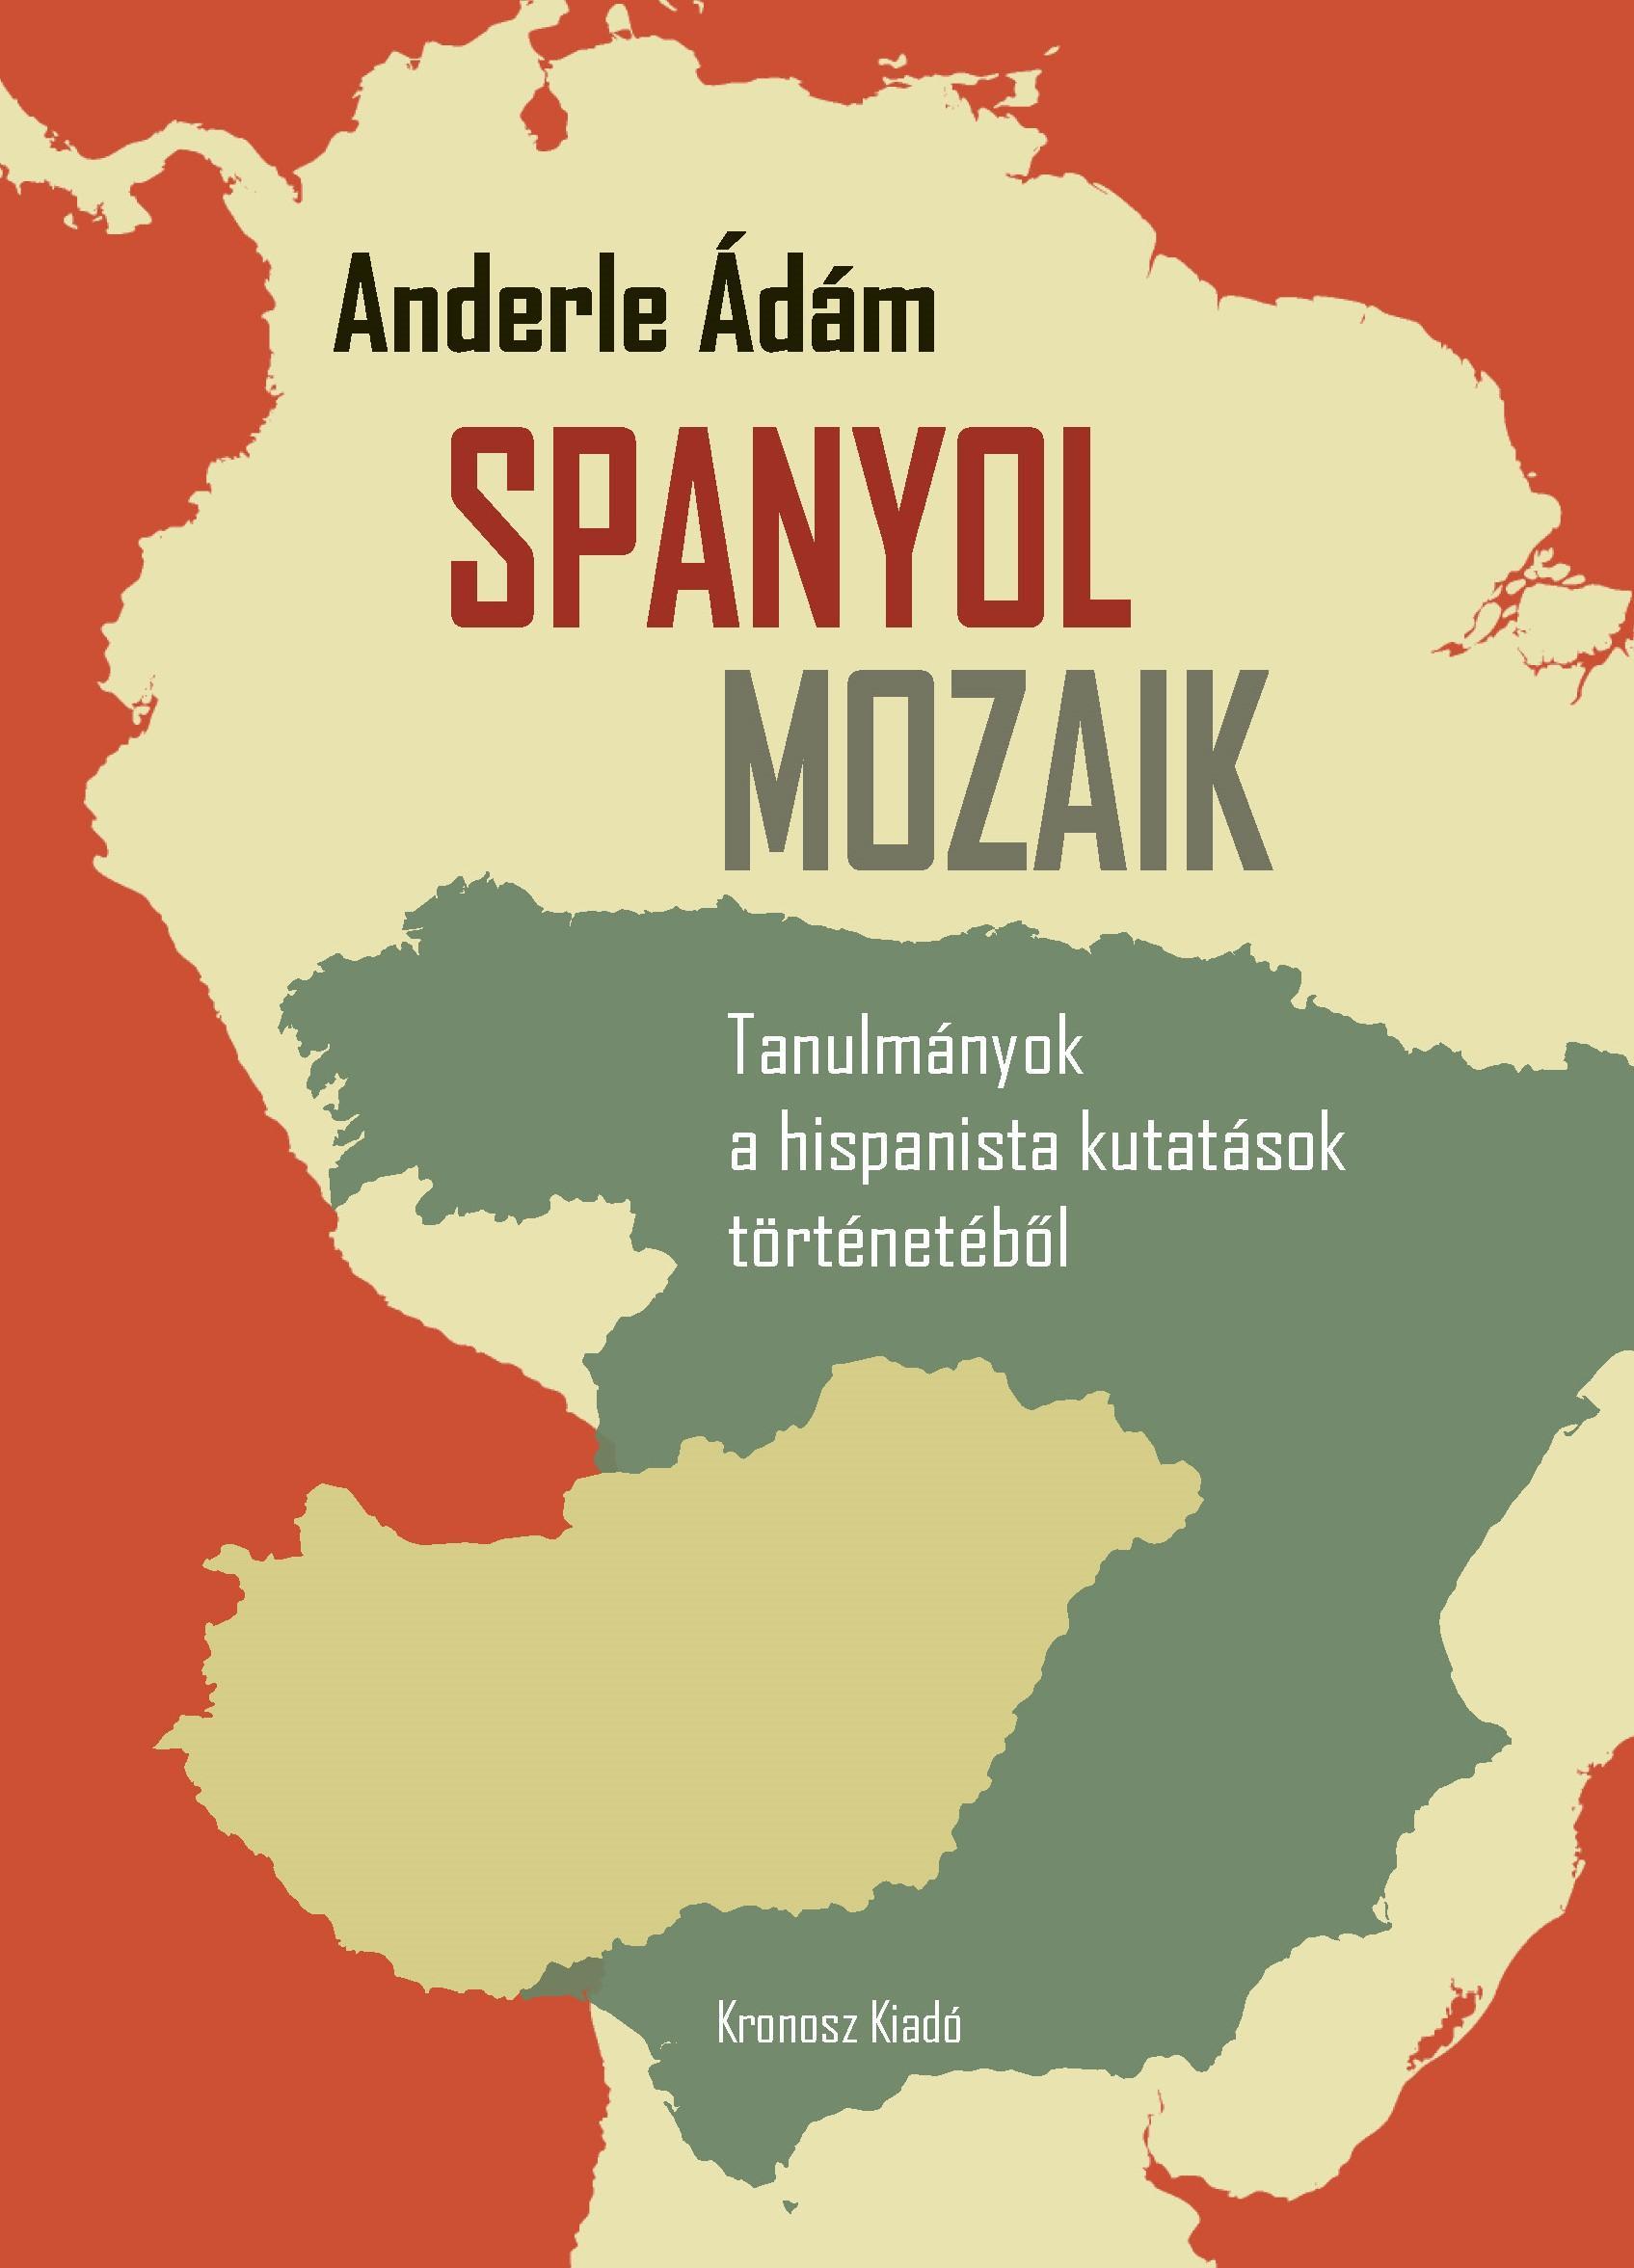 SPANYOL MOZAIK - TANULMÁNYOK A HISPANISTA KUTATÁSOK TÖRTÉNETÉBÕL